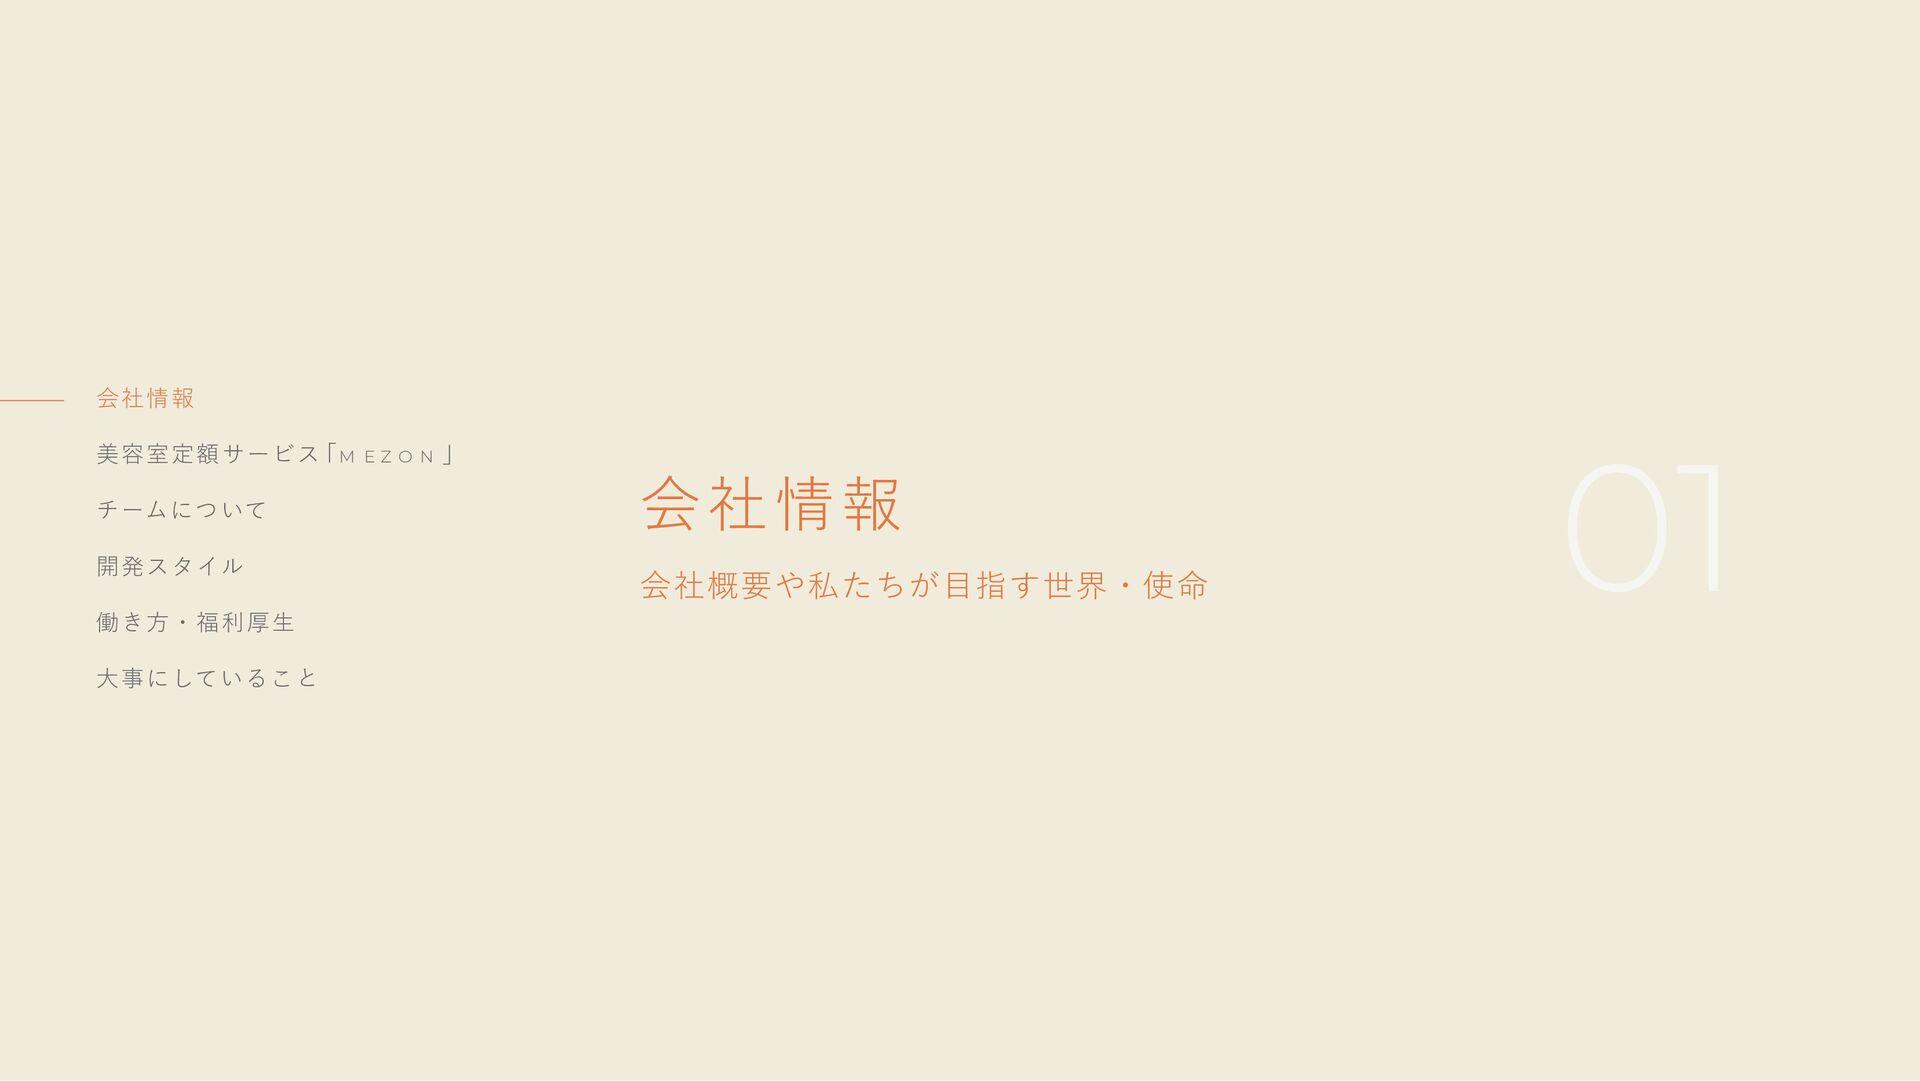 会社情報 会社情報 会社概要や私たちが⽬指す世界・使命 働き⽅・福利厚⽣ 開発スタイル 01 ...